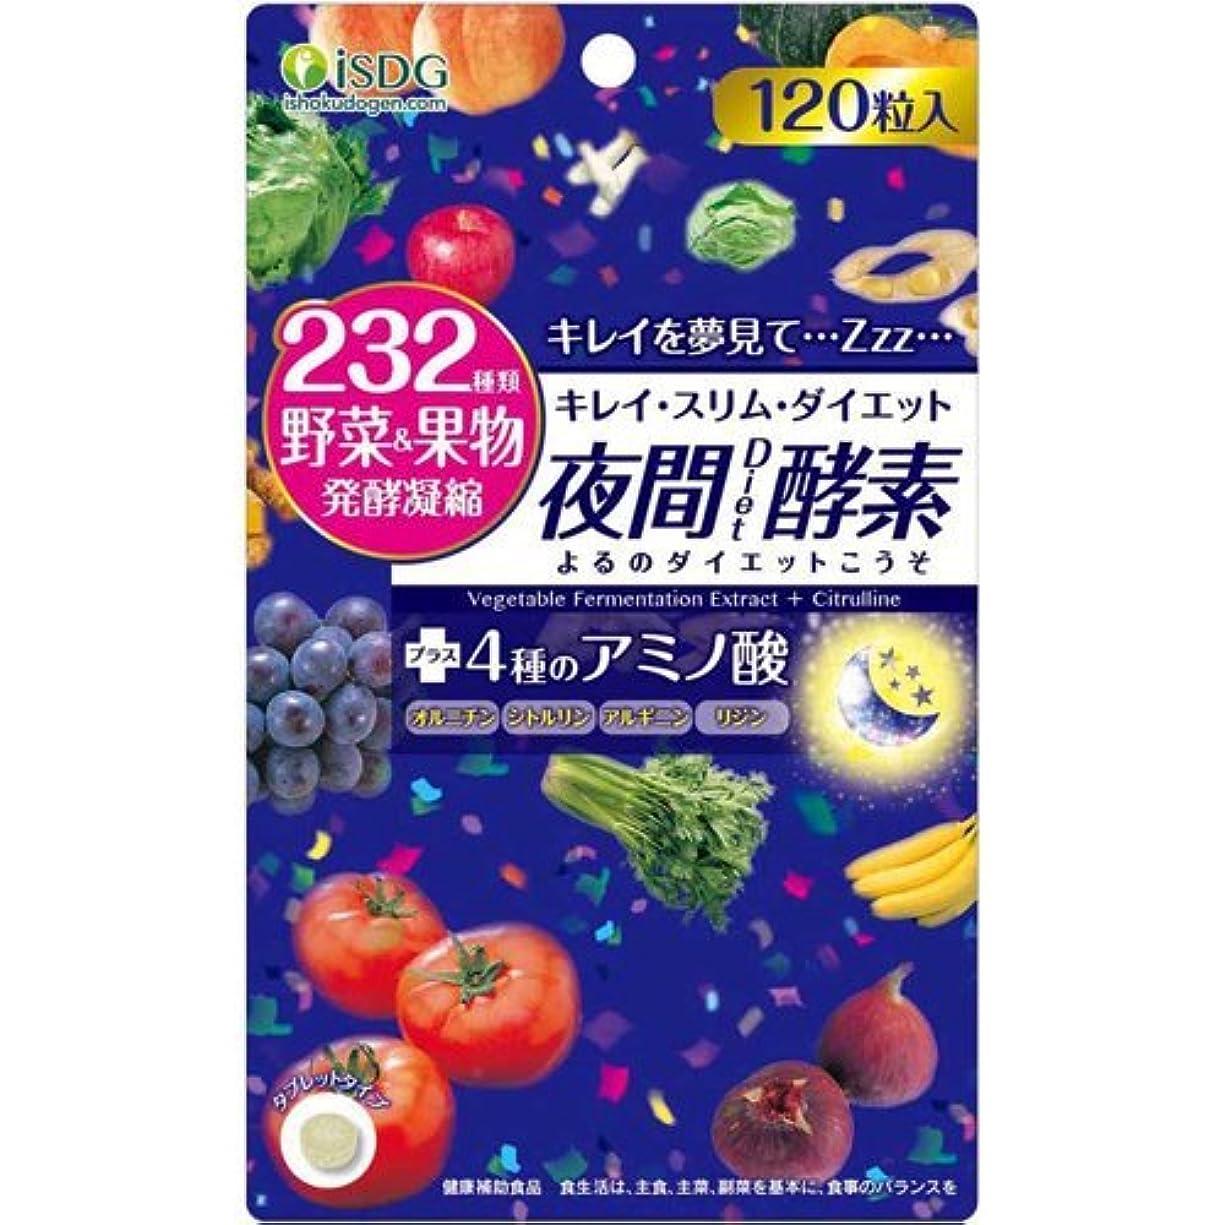 承知しましたコーンウォール分割【30個セットで更にお得】医食同源ドットコム 232夜間Diet酵素(ナイトダイエット酵素) 120粒 ×30個